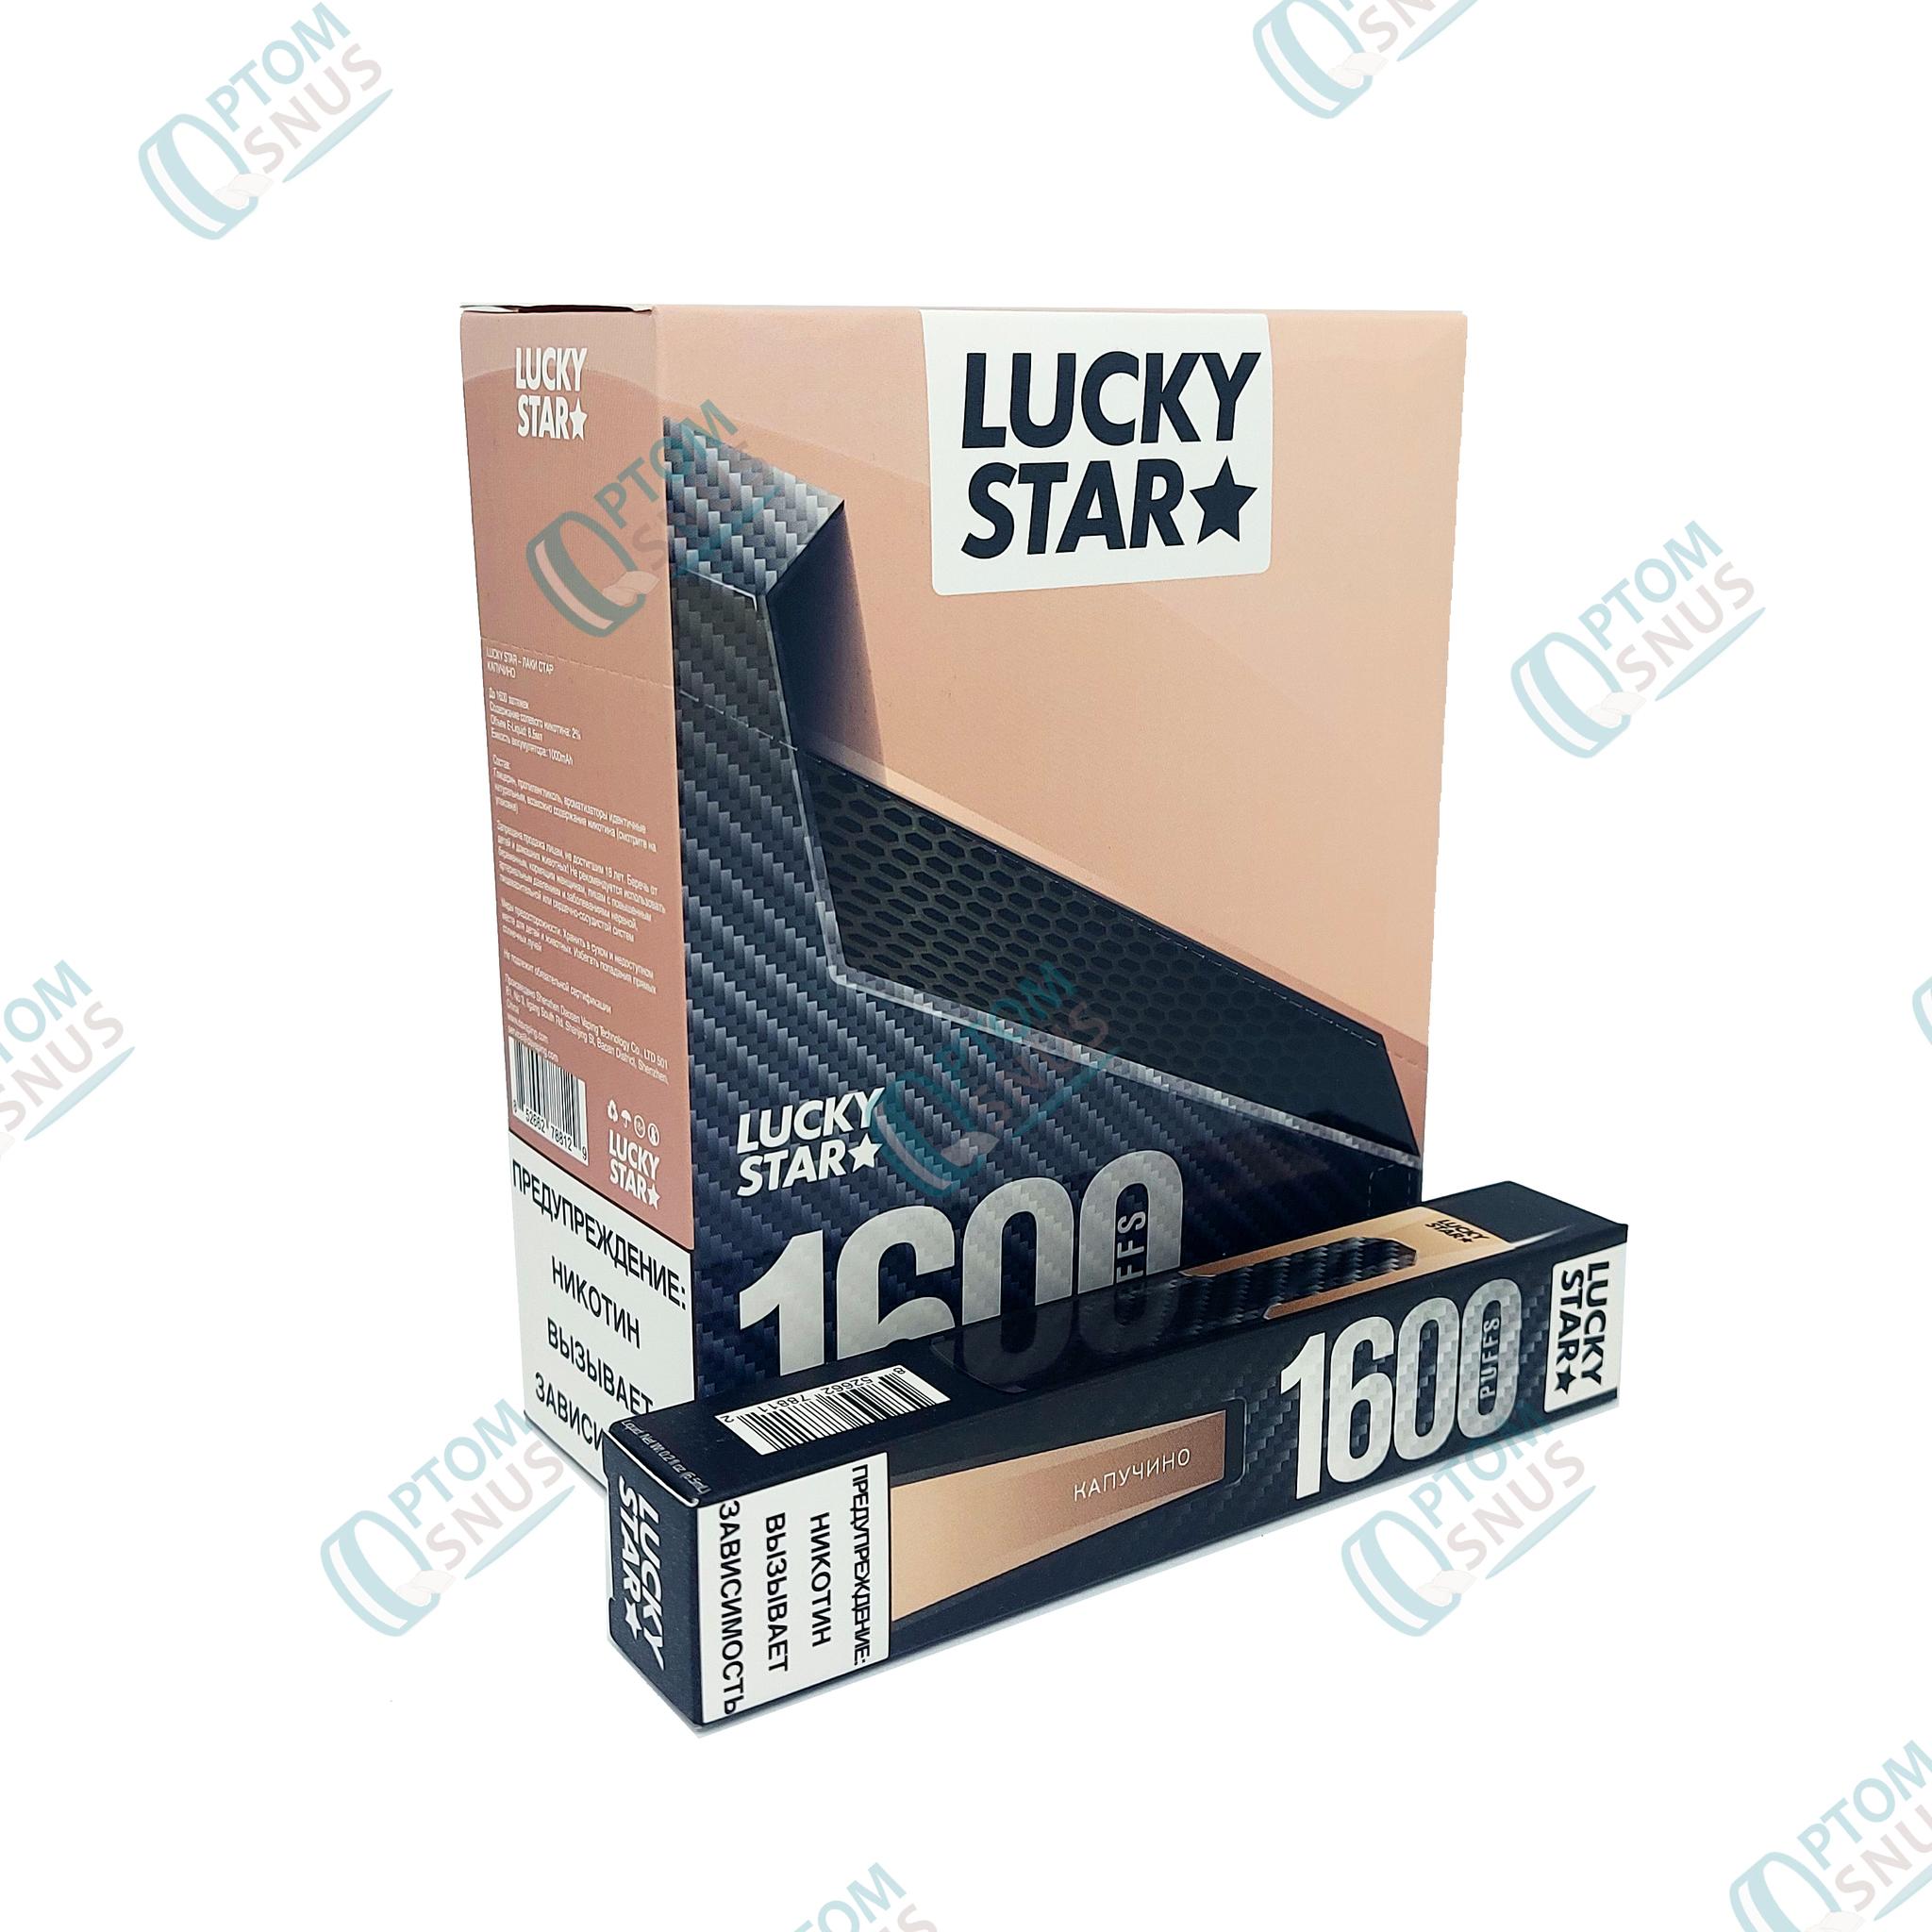 электронная сигарета lucky star купить оптом